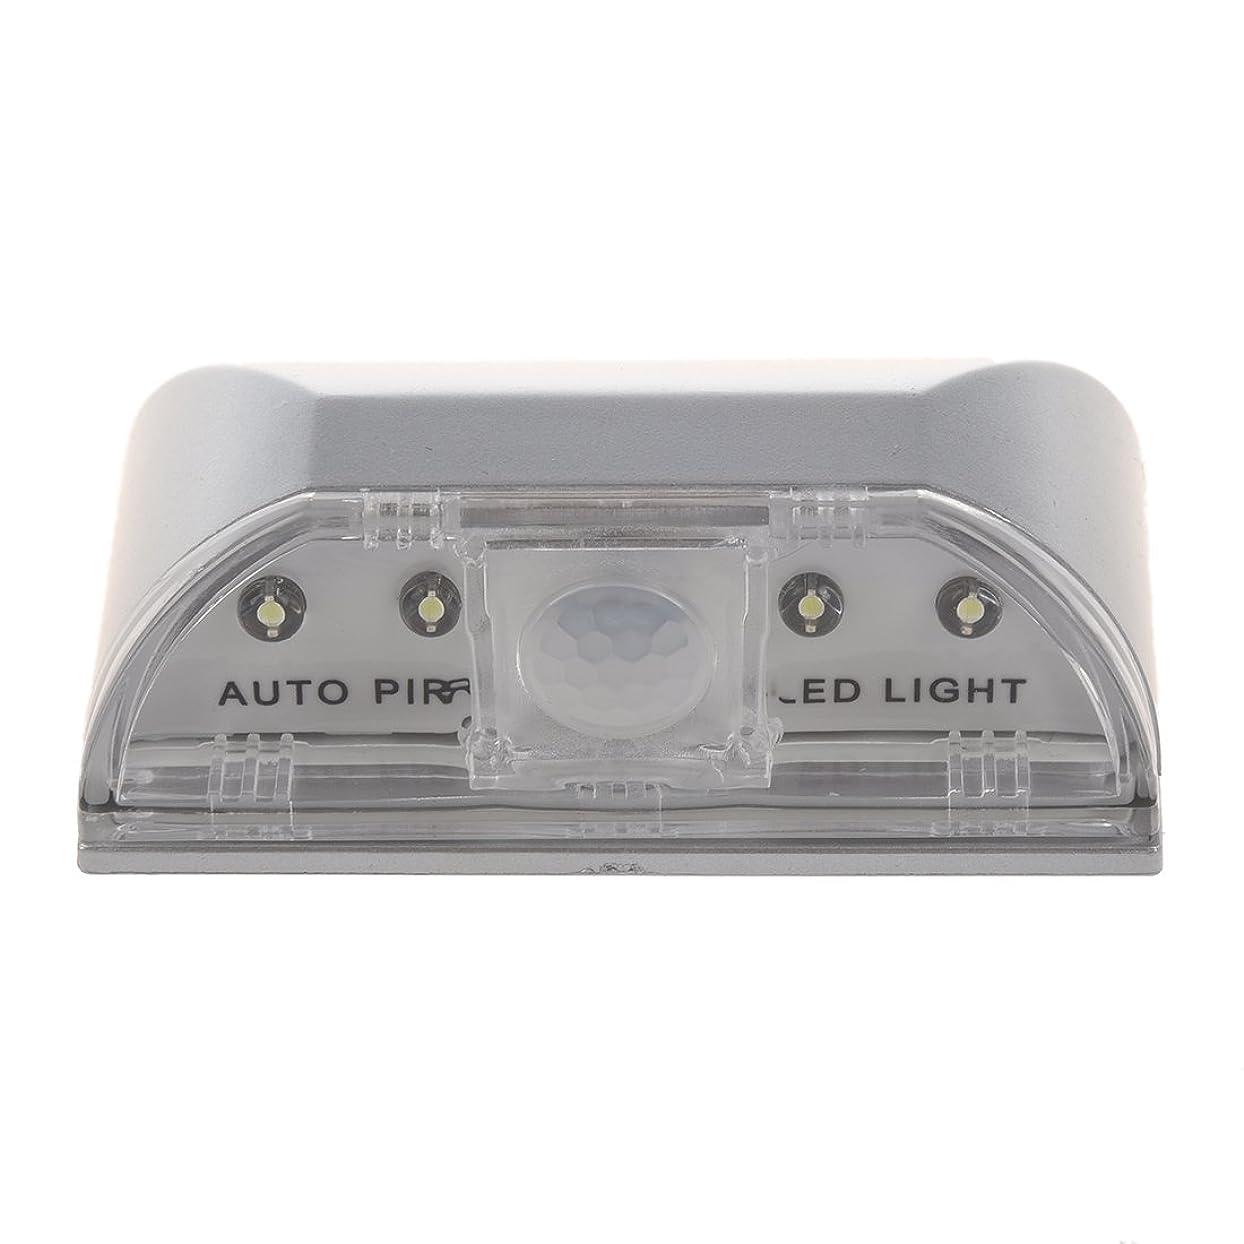 エンジニアリング体操選手コールドTOOGOO SODIAL (R) 自動PIRドア 鍵穴 モーションセンサー検出器LEDライトランプ キッチン、リビング、ベッドルーム、廊下、階段、引き出し、クローゼット、ウォールキャビネットに最適 (白)